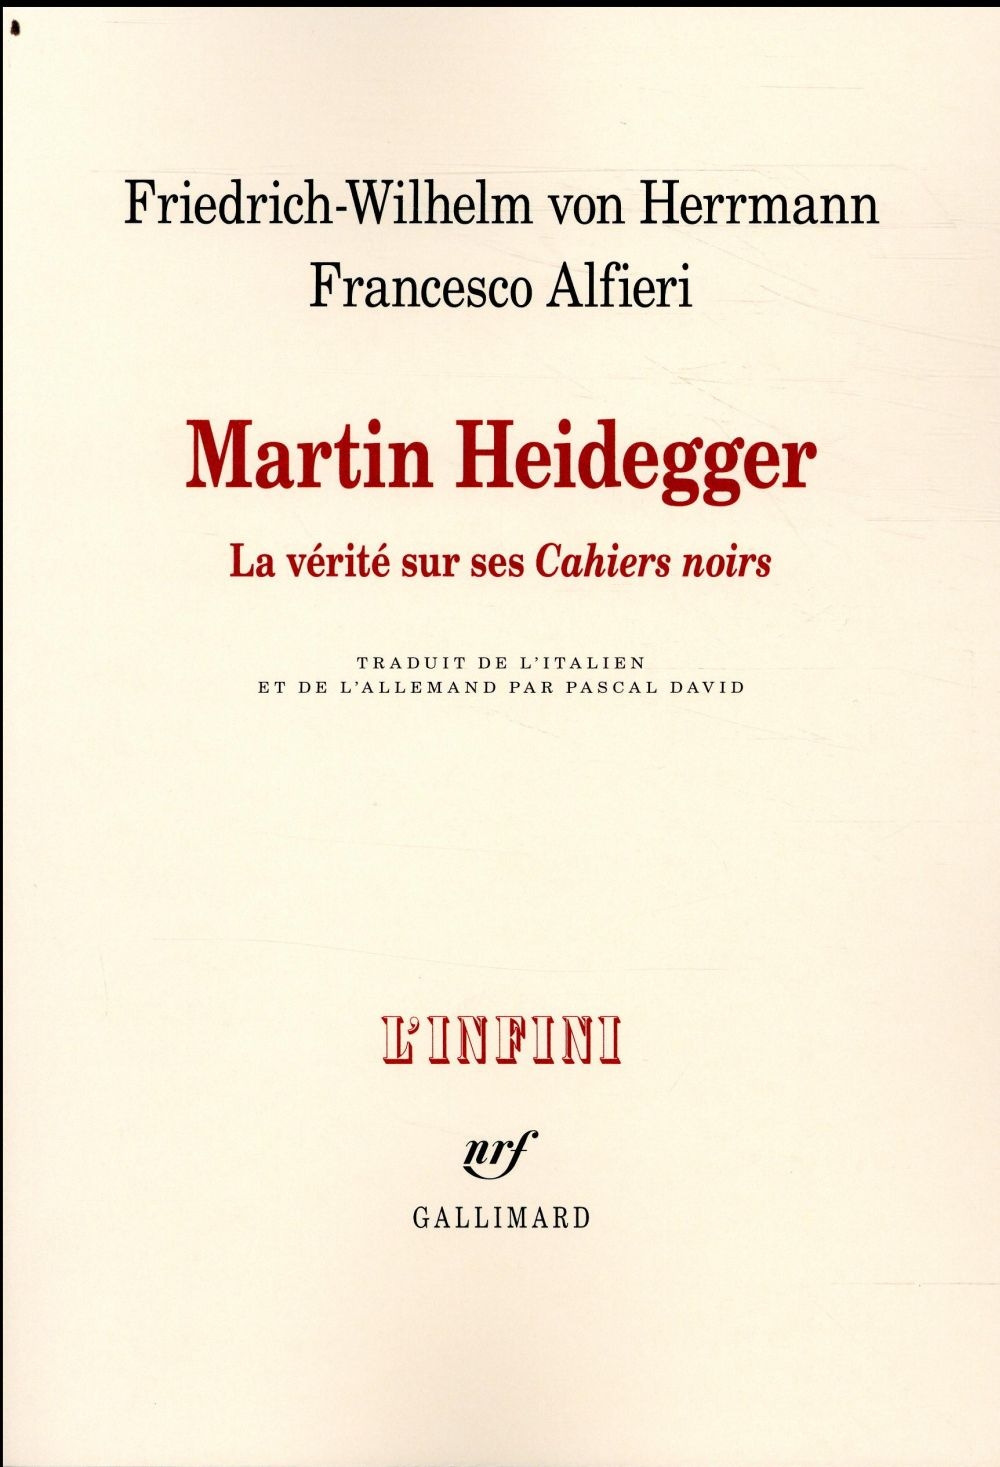 Martin Heidegger ; la vérité sur ses Cahiers noirs